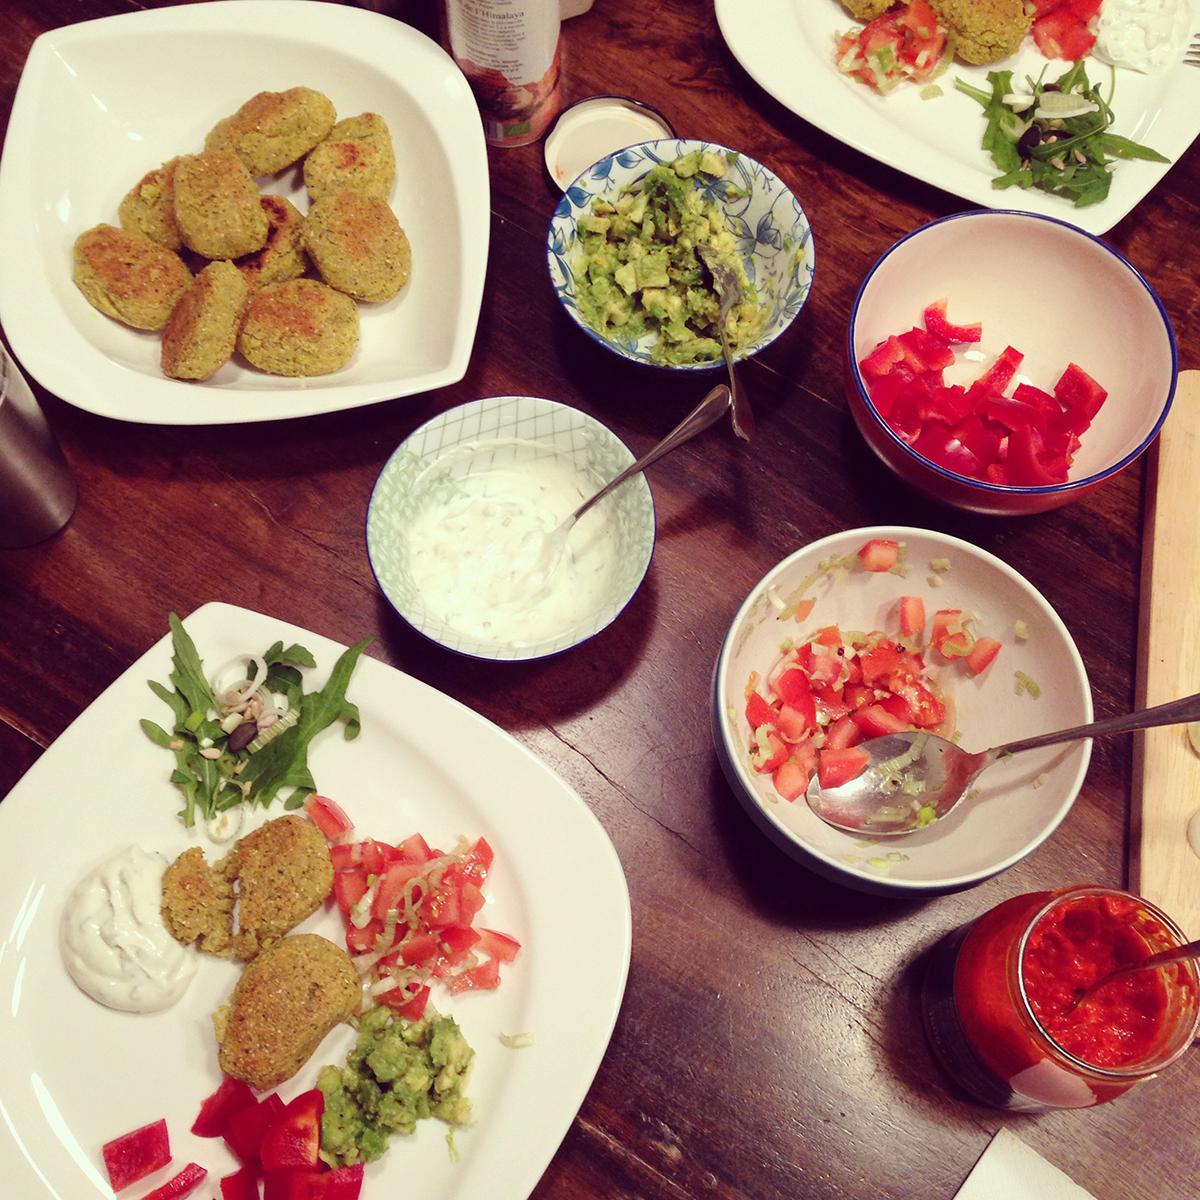 7things_9_food